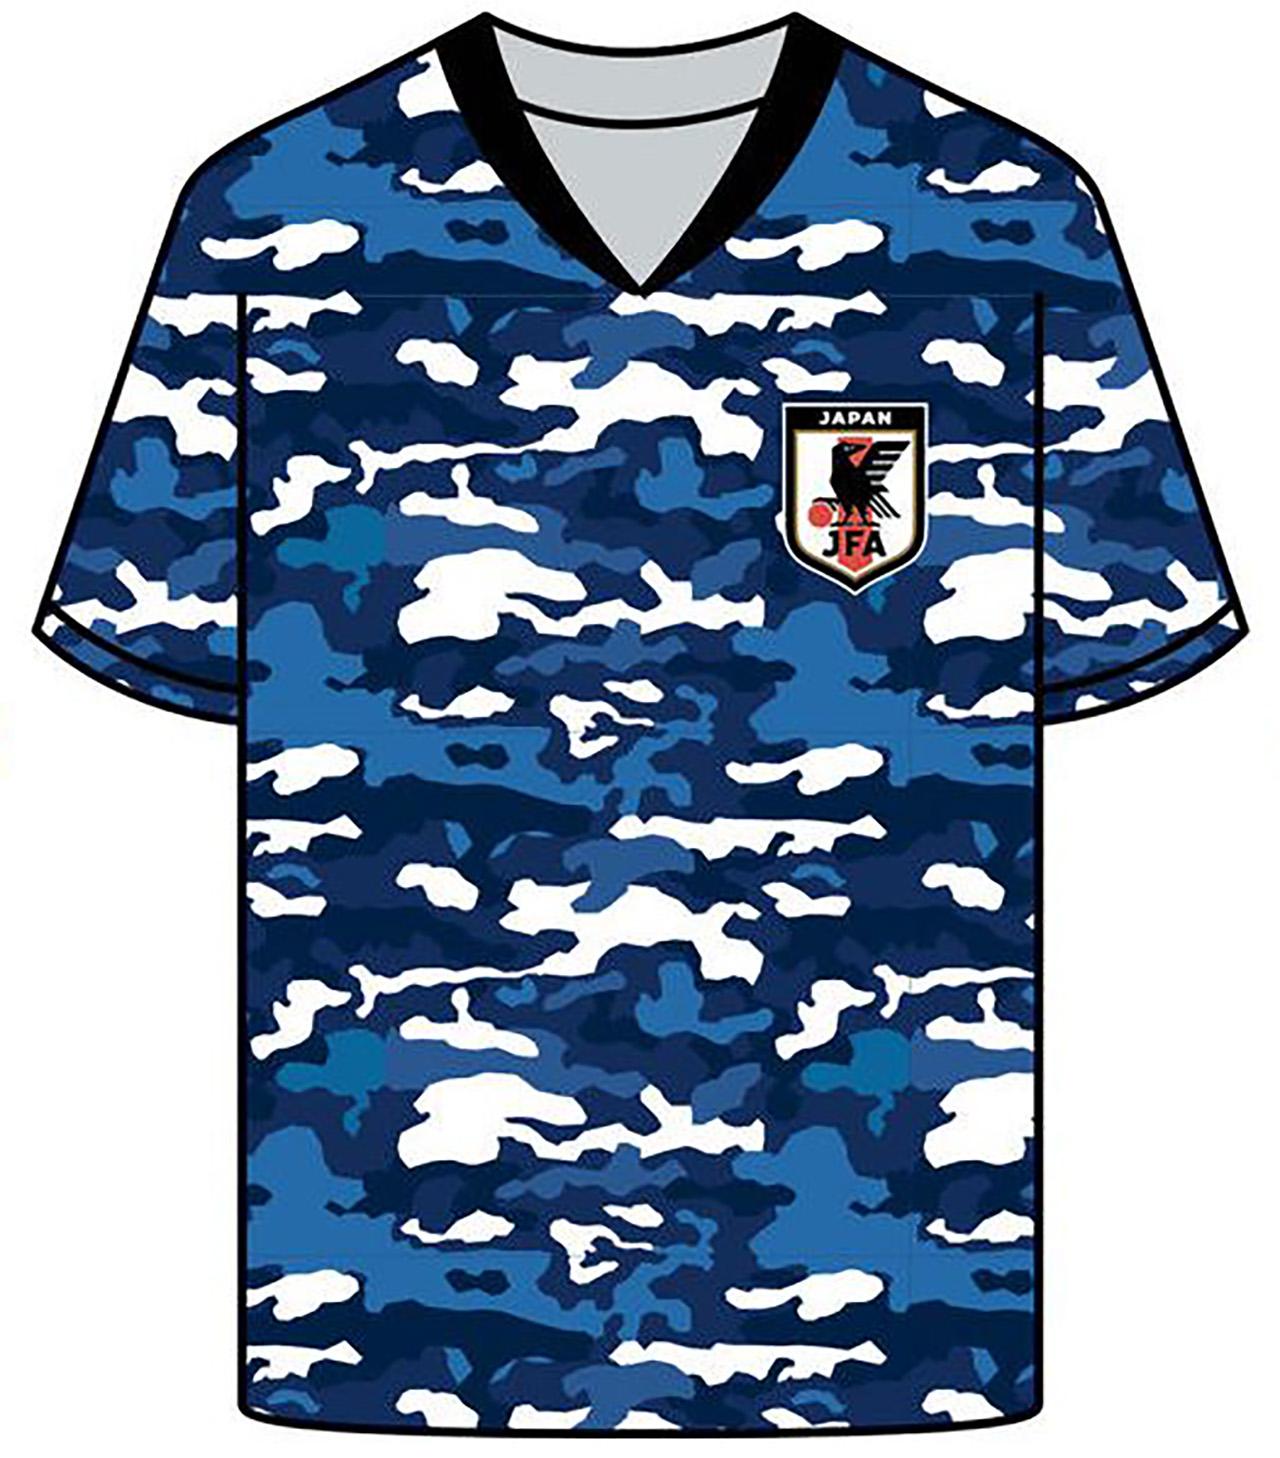 日, 올림픽 축구 대표팀 유니폼에 이례적 군복 연상 무늬